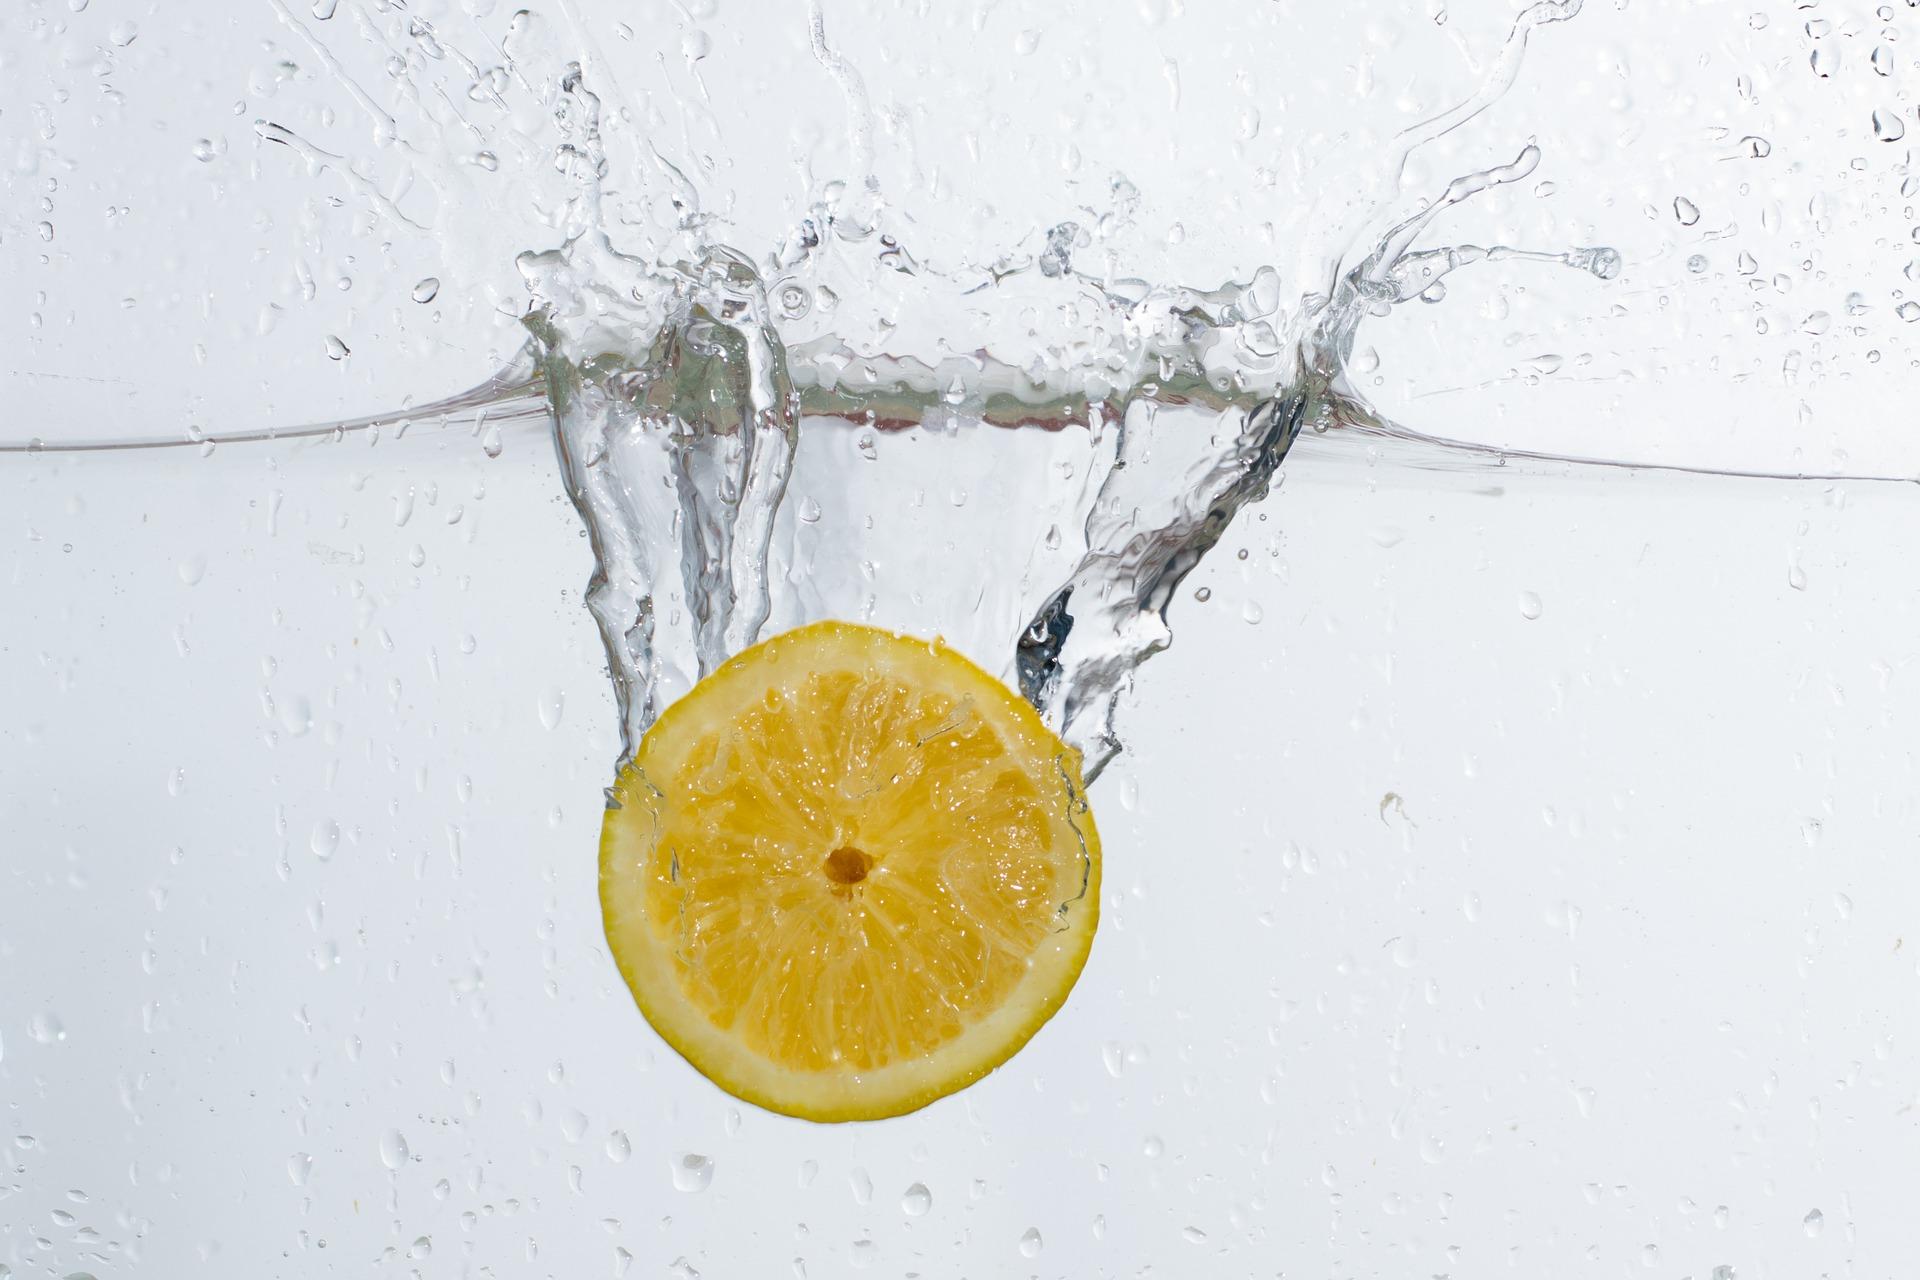 Acqua E Limone La Sera.Cosa Succede Se Bevi Acqua E Limone Prima Di Dormire Ecco La Verita Salute News